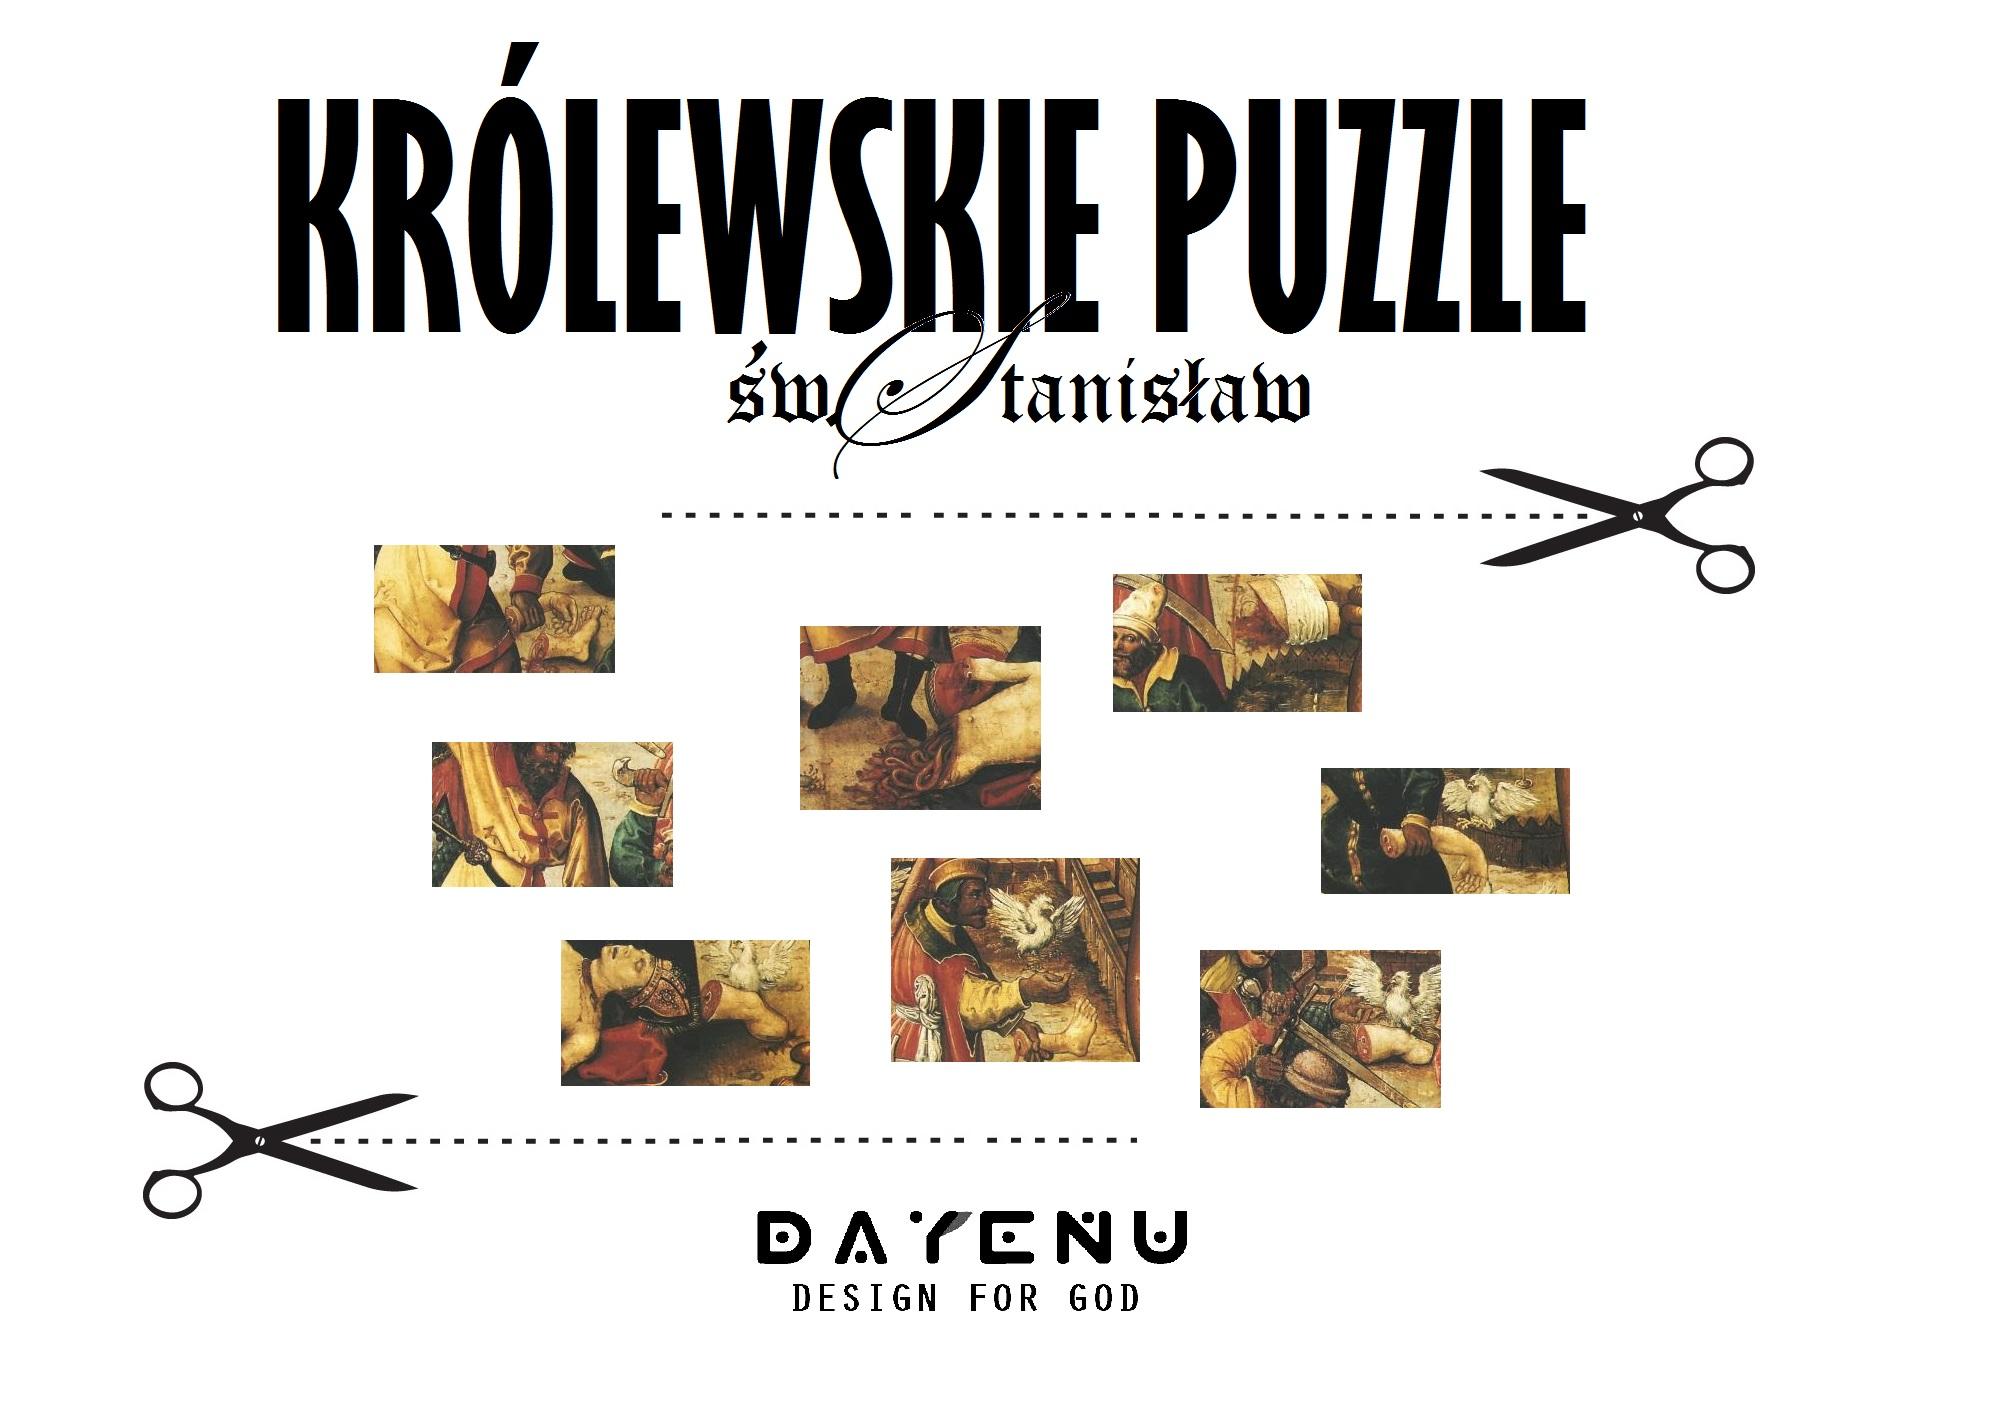 Królewskie puzzle ze świętym Stanisławem ze Szczepanowa